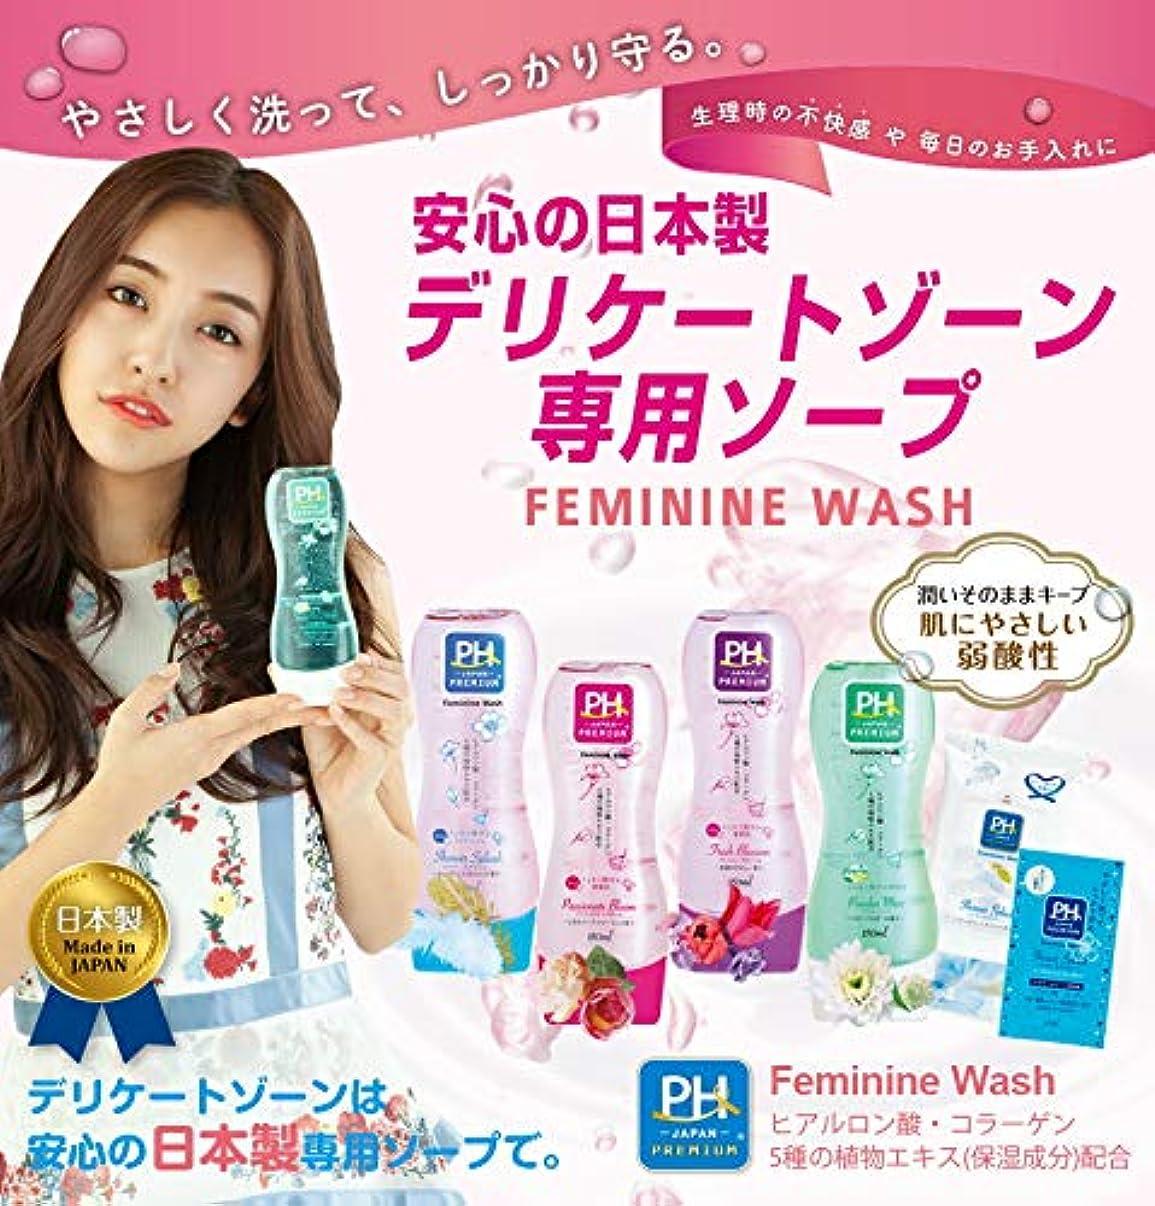 ハードウェア支給プラットフォームパッショネイトブルーム4本セット PH JAPAN フェミニンウォッシュ 上品なローズフローラルの香り